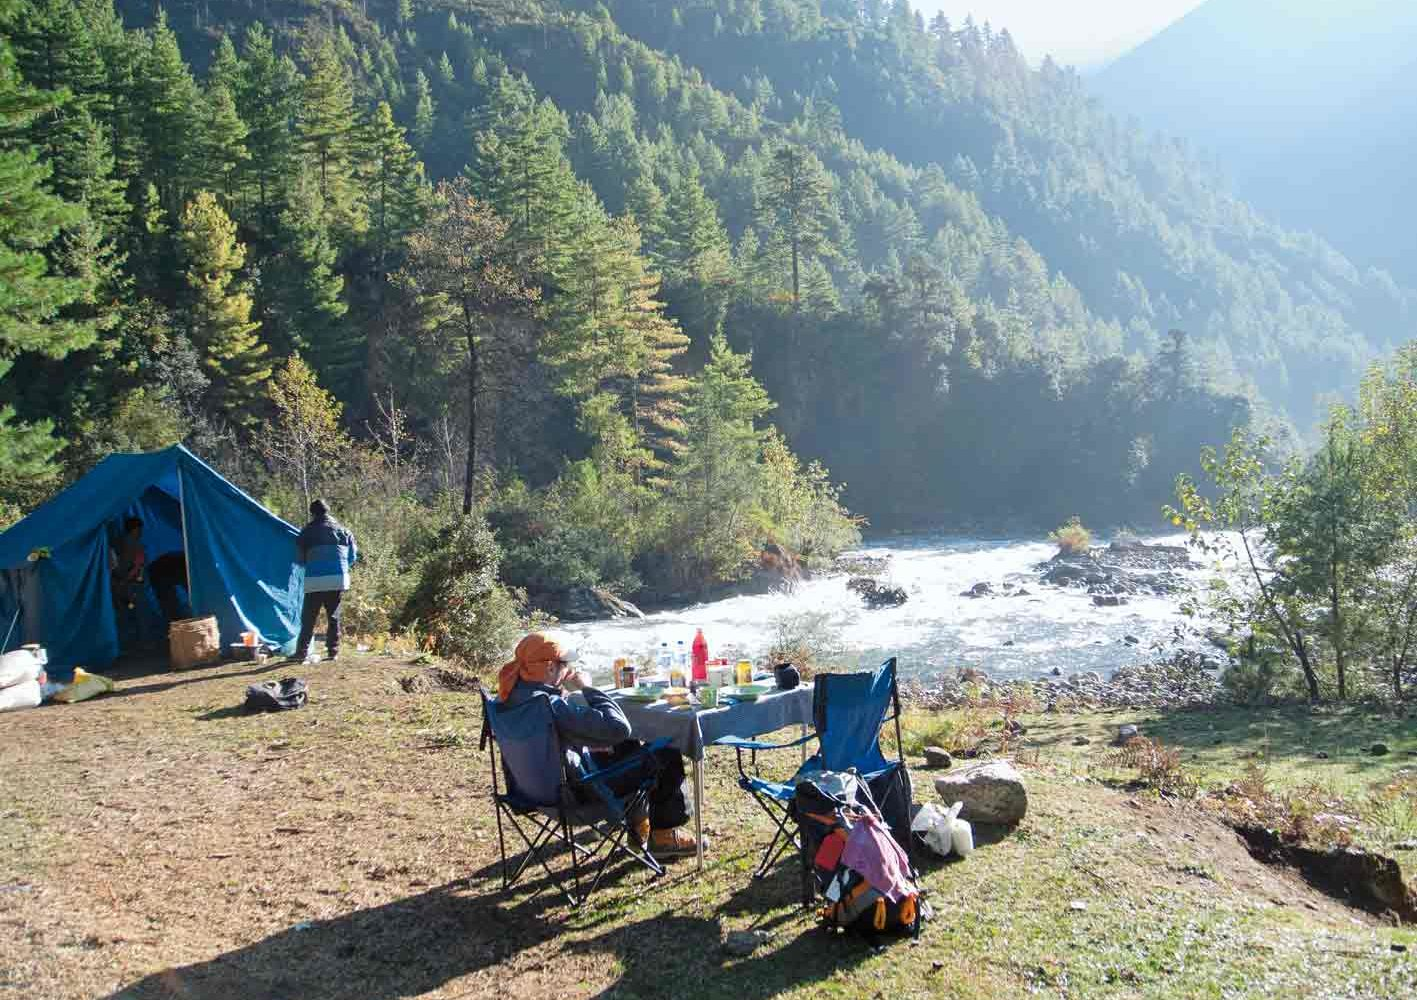 Gemütliches Camp während des Trekkings